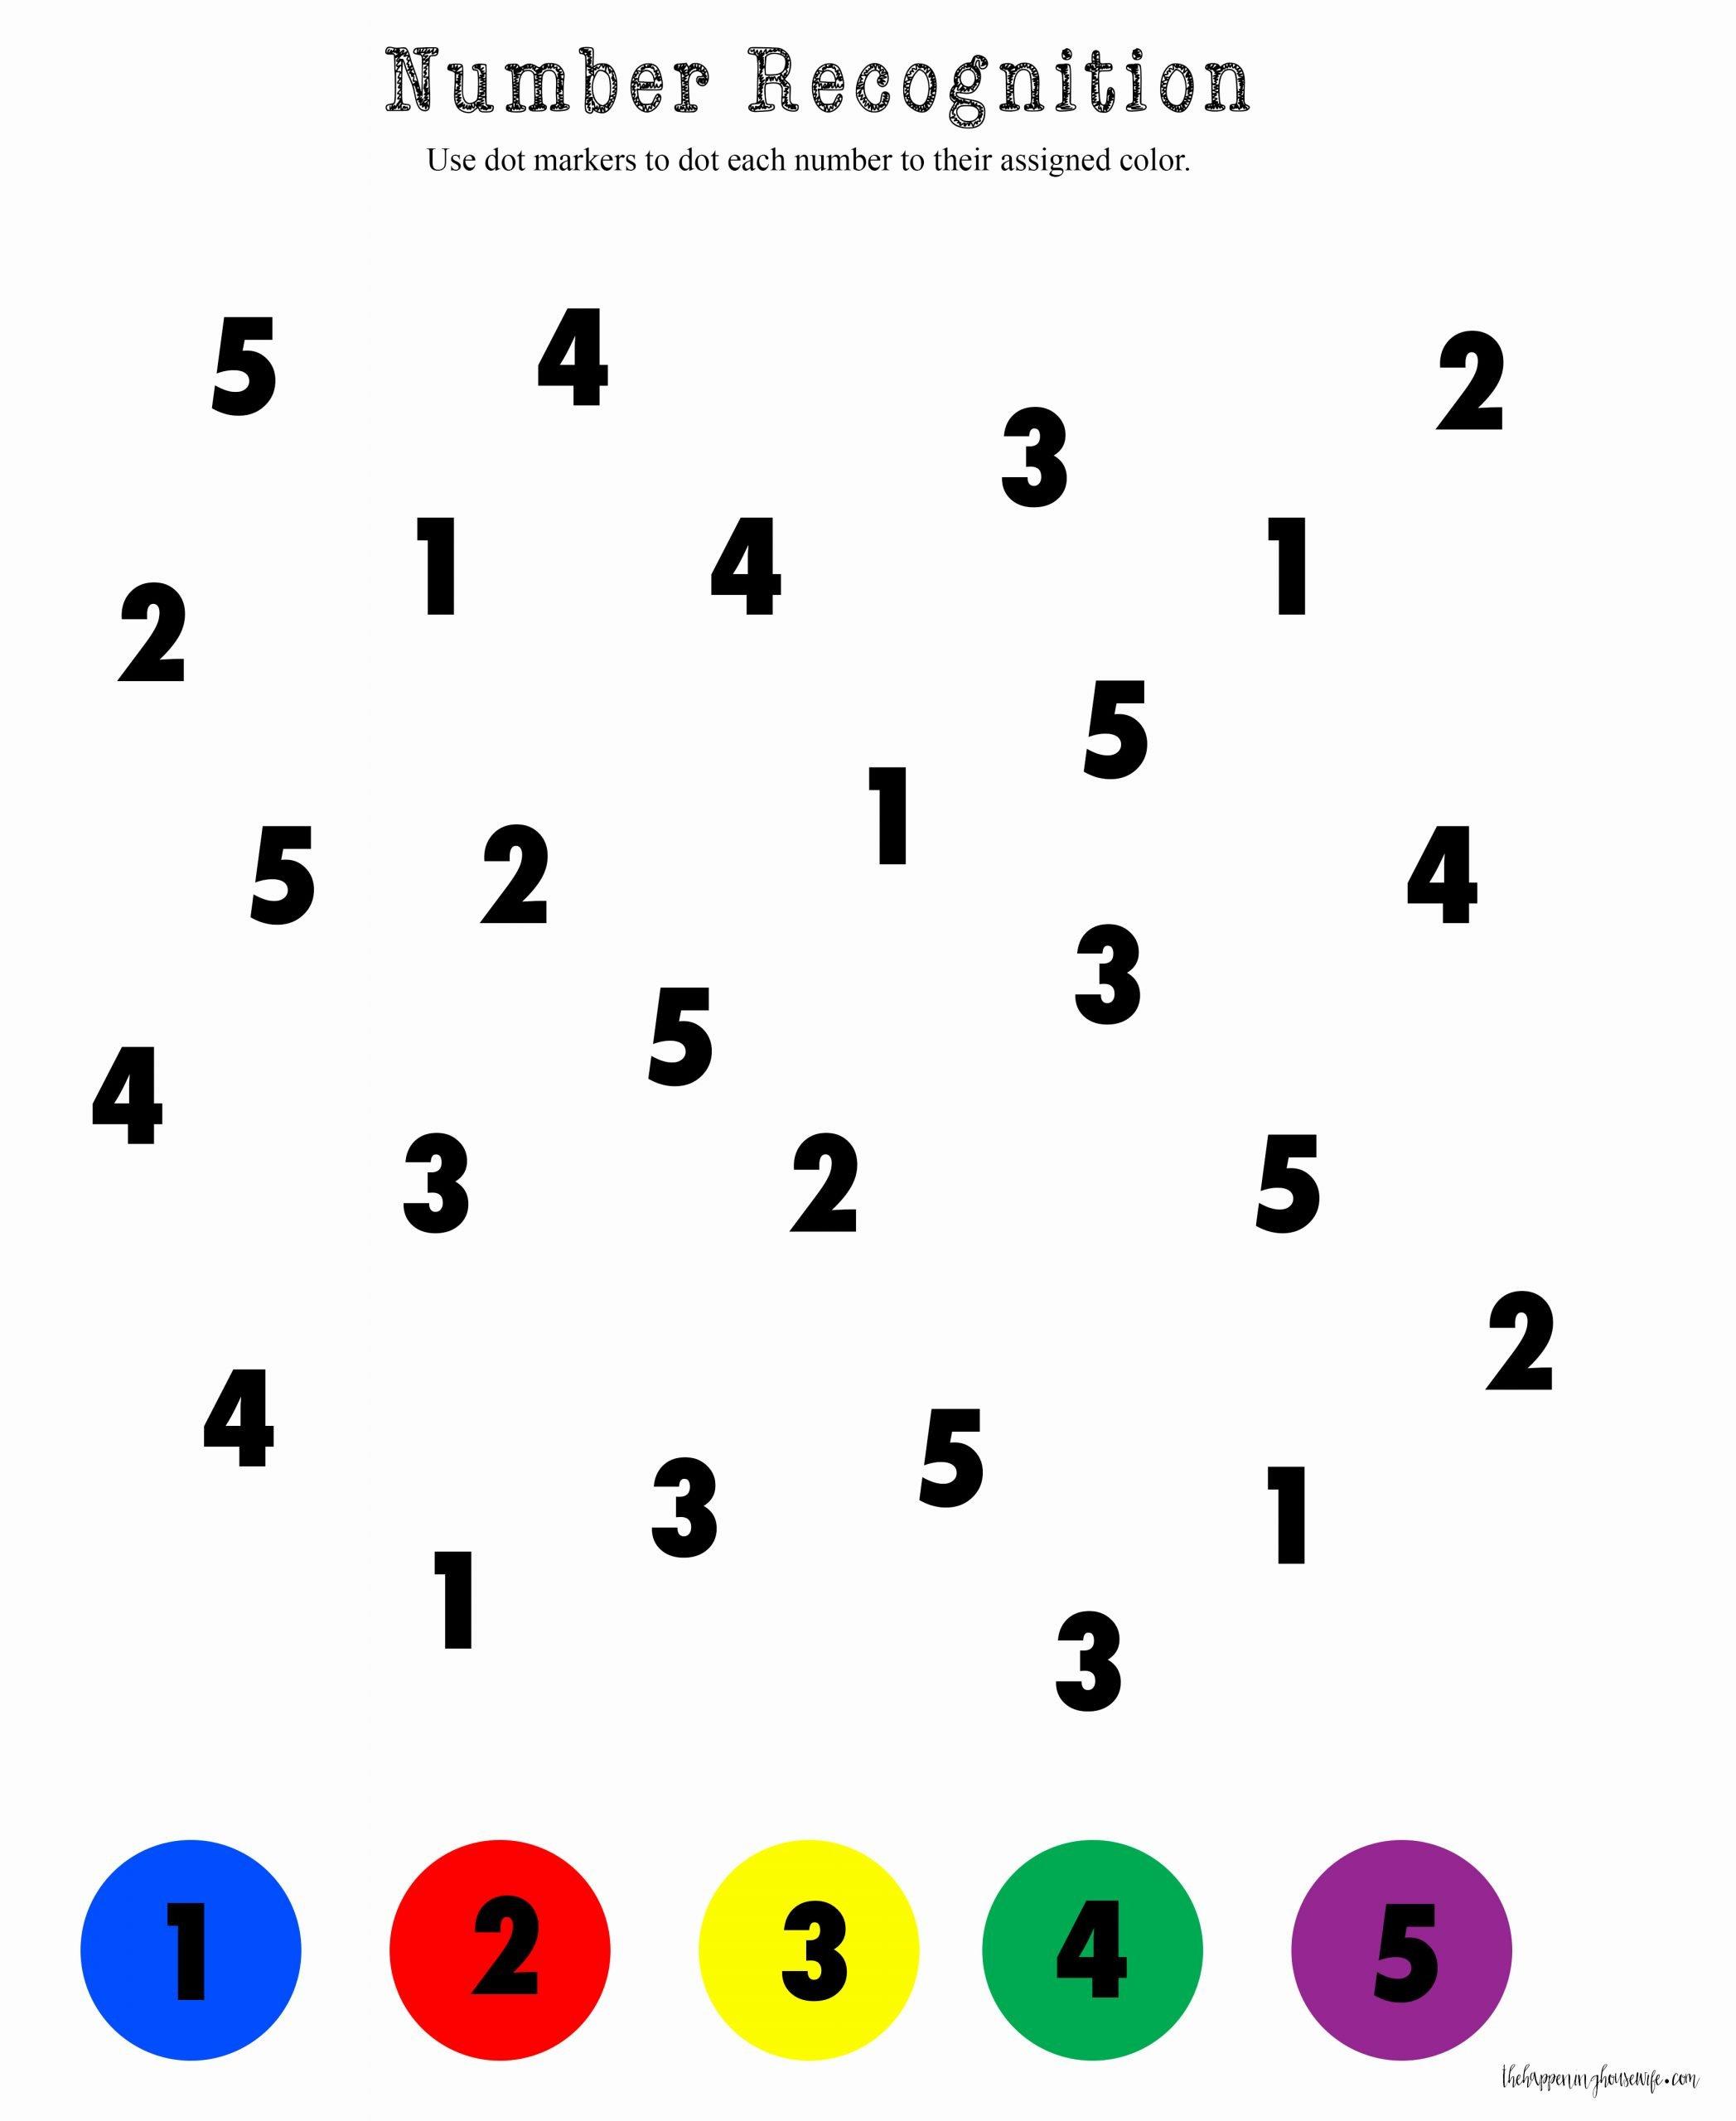 Number Recognition Worksheets for Preschoolers Unique Number Recognition Worksheets for Download Number